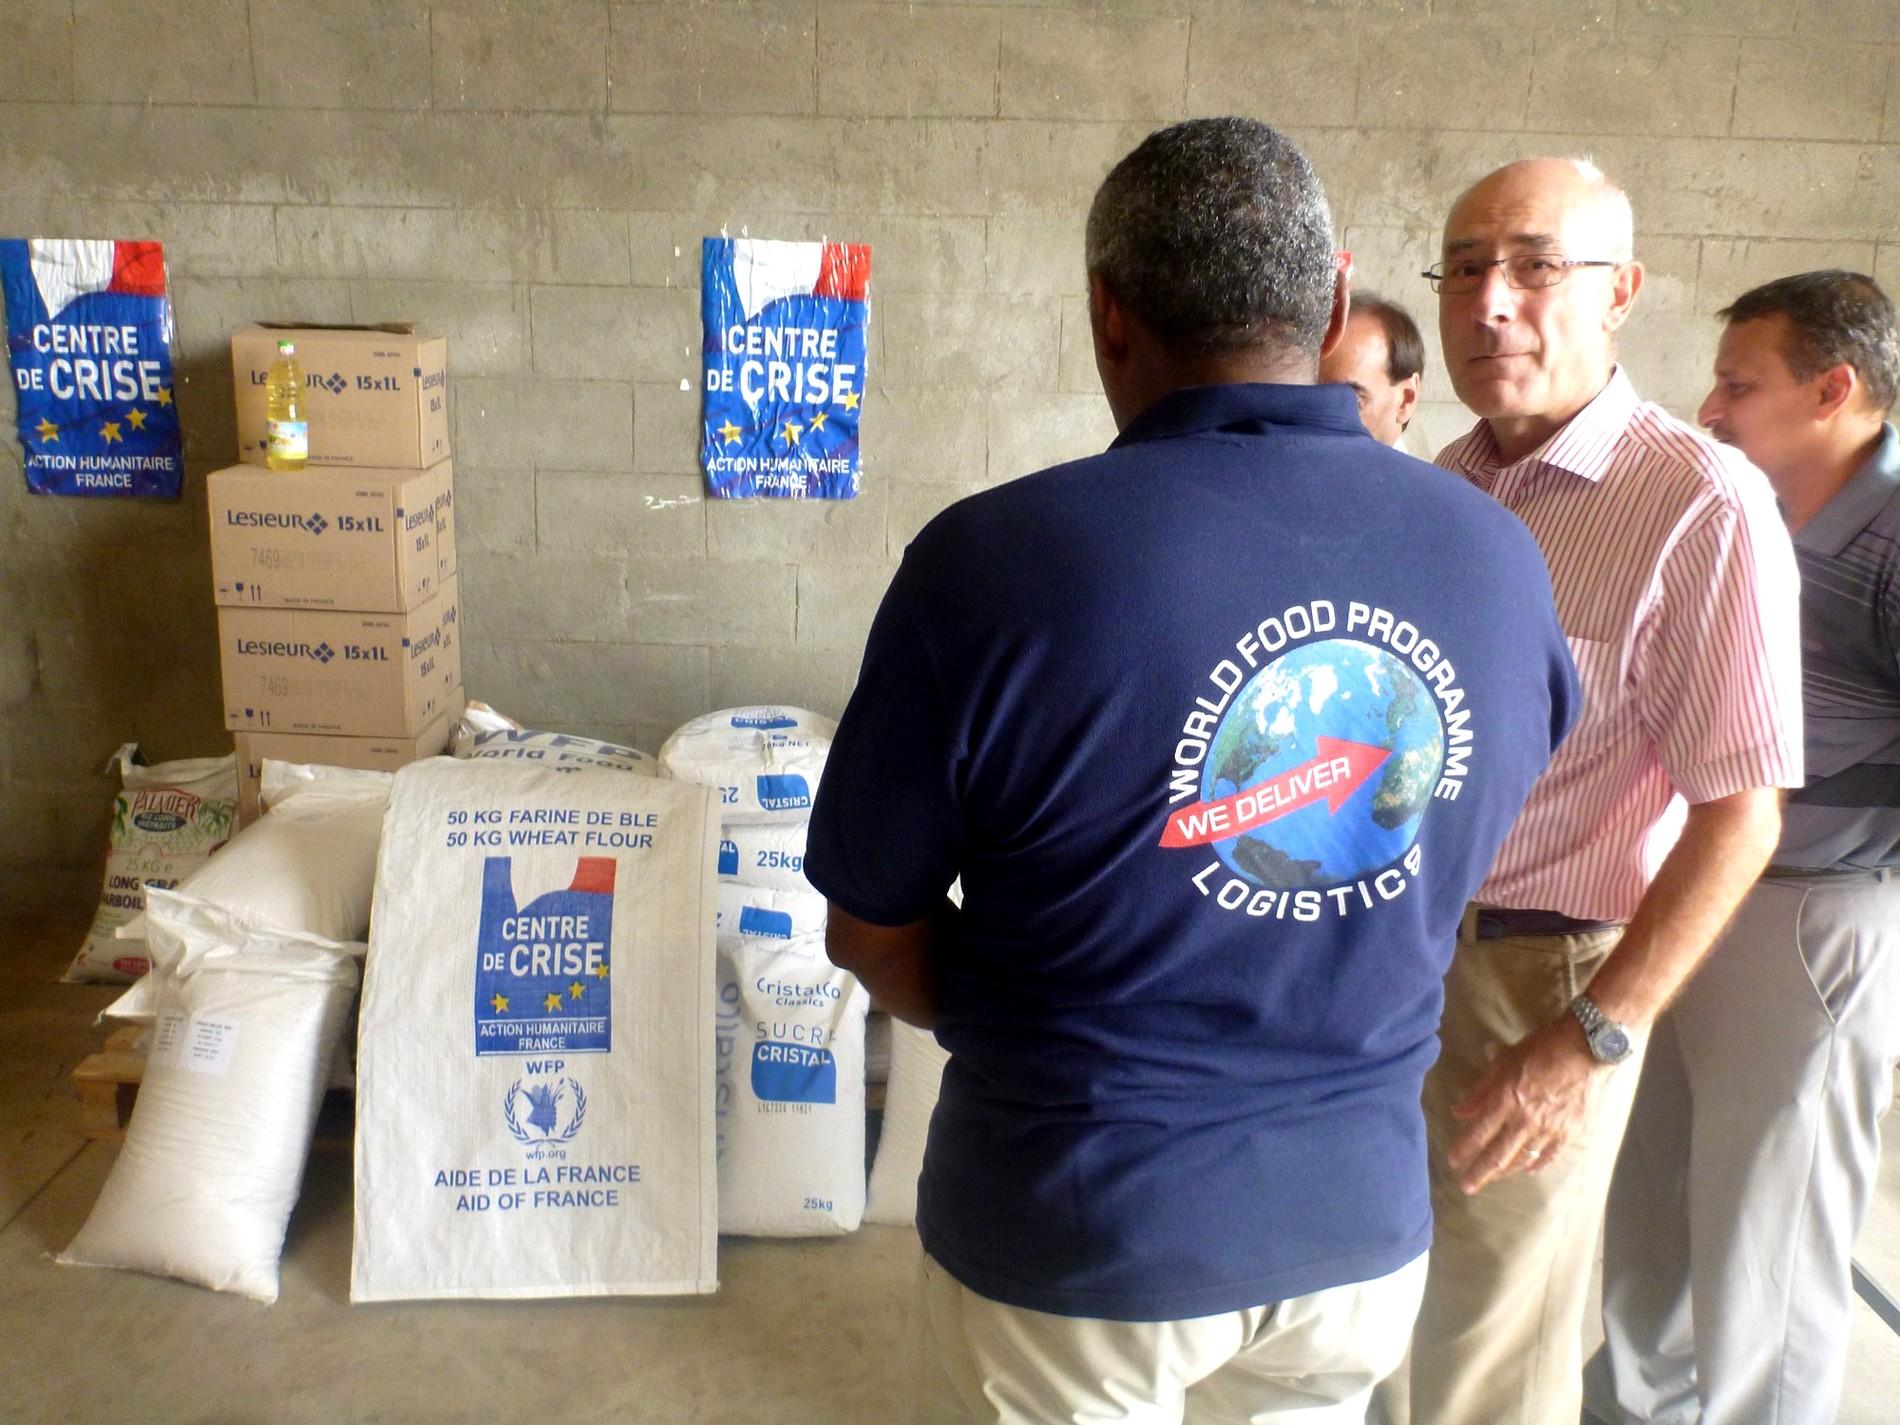 Comment Travailler Dans L Humanitaire Aide Humanitaire